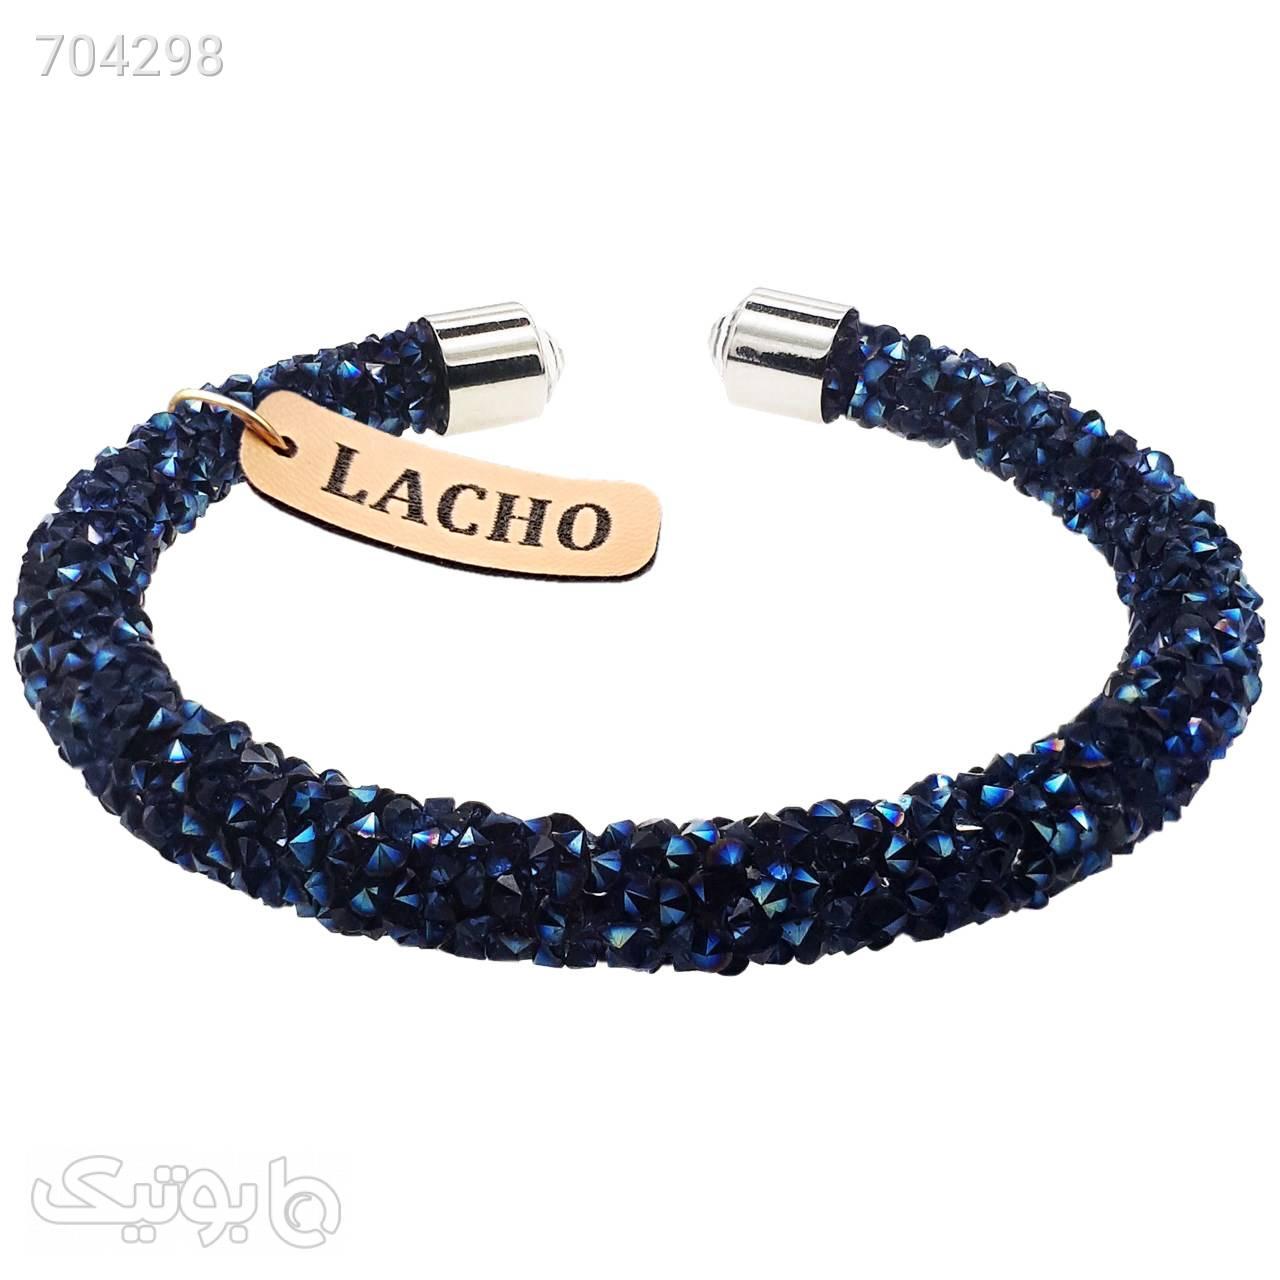 دستبند زنانه لاچو کد SOV007 مشکی دستبند و پابند